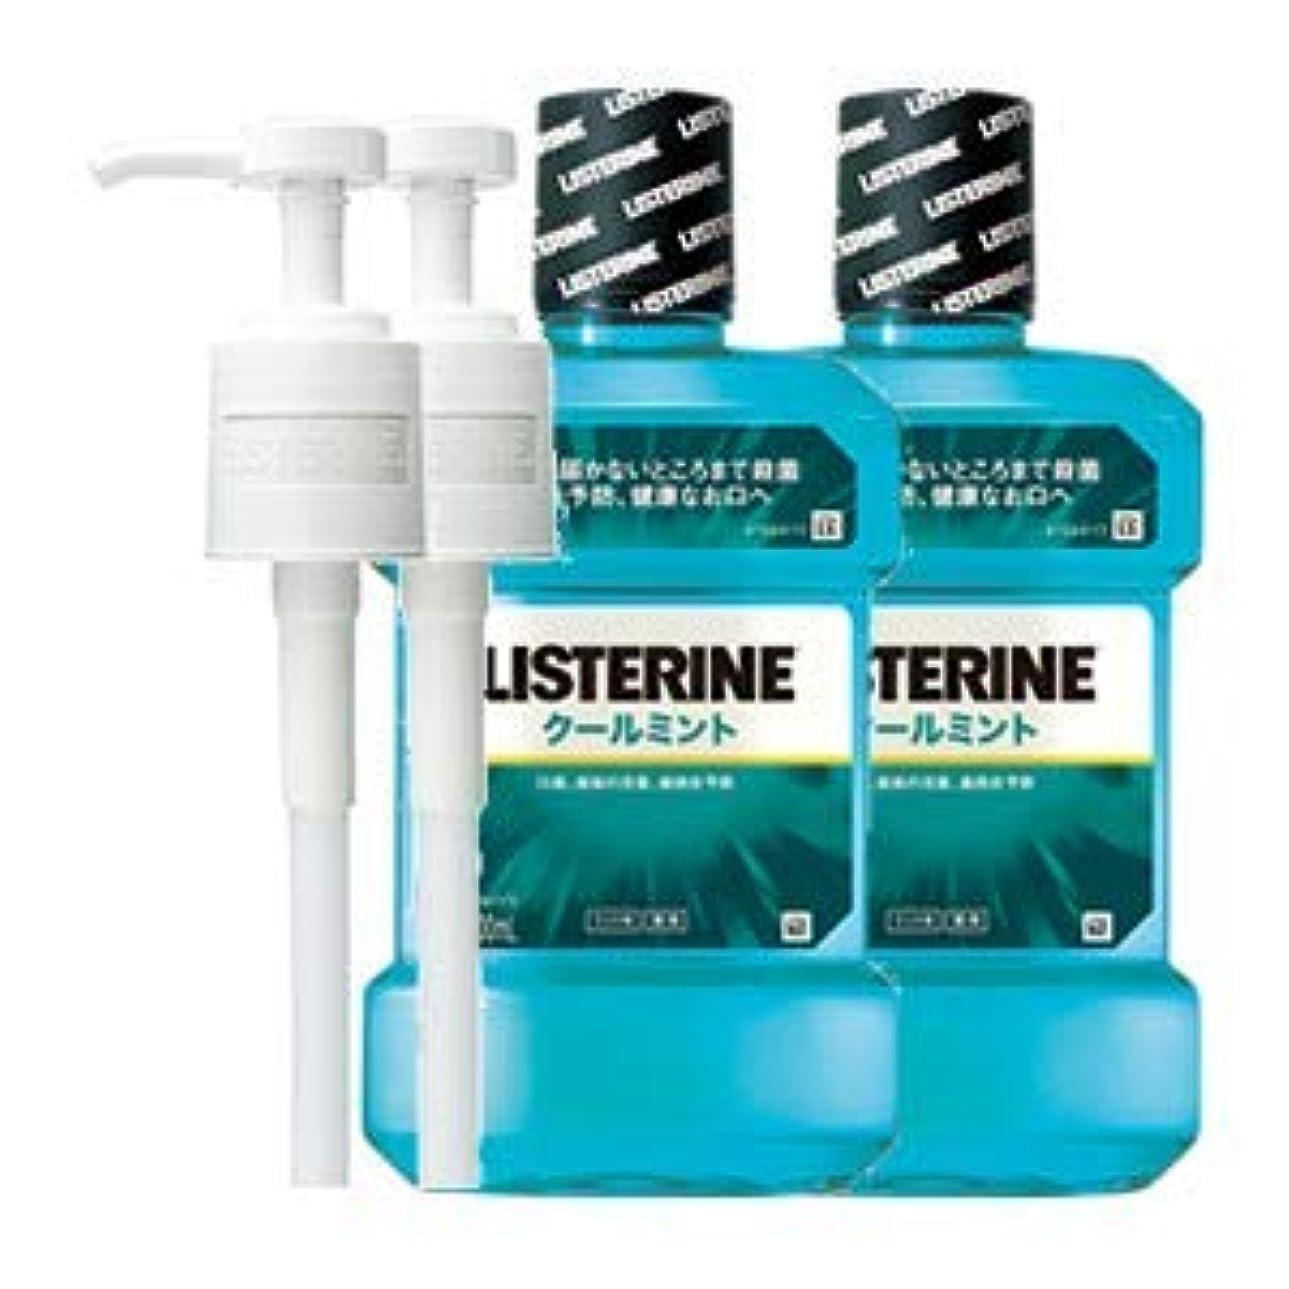 弱点キャプチャー摂氏薬用リステリン クールミント (マウスウォッシュ/洗口液) 1000mL 2点セット (ポンプ付)